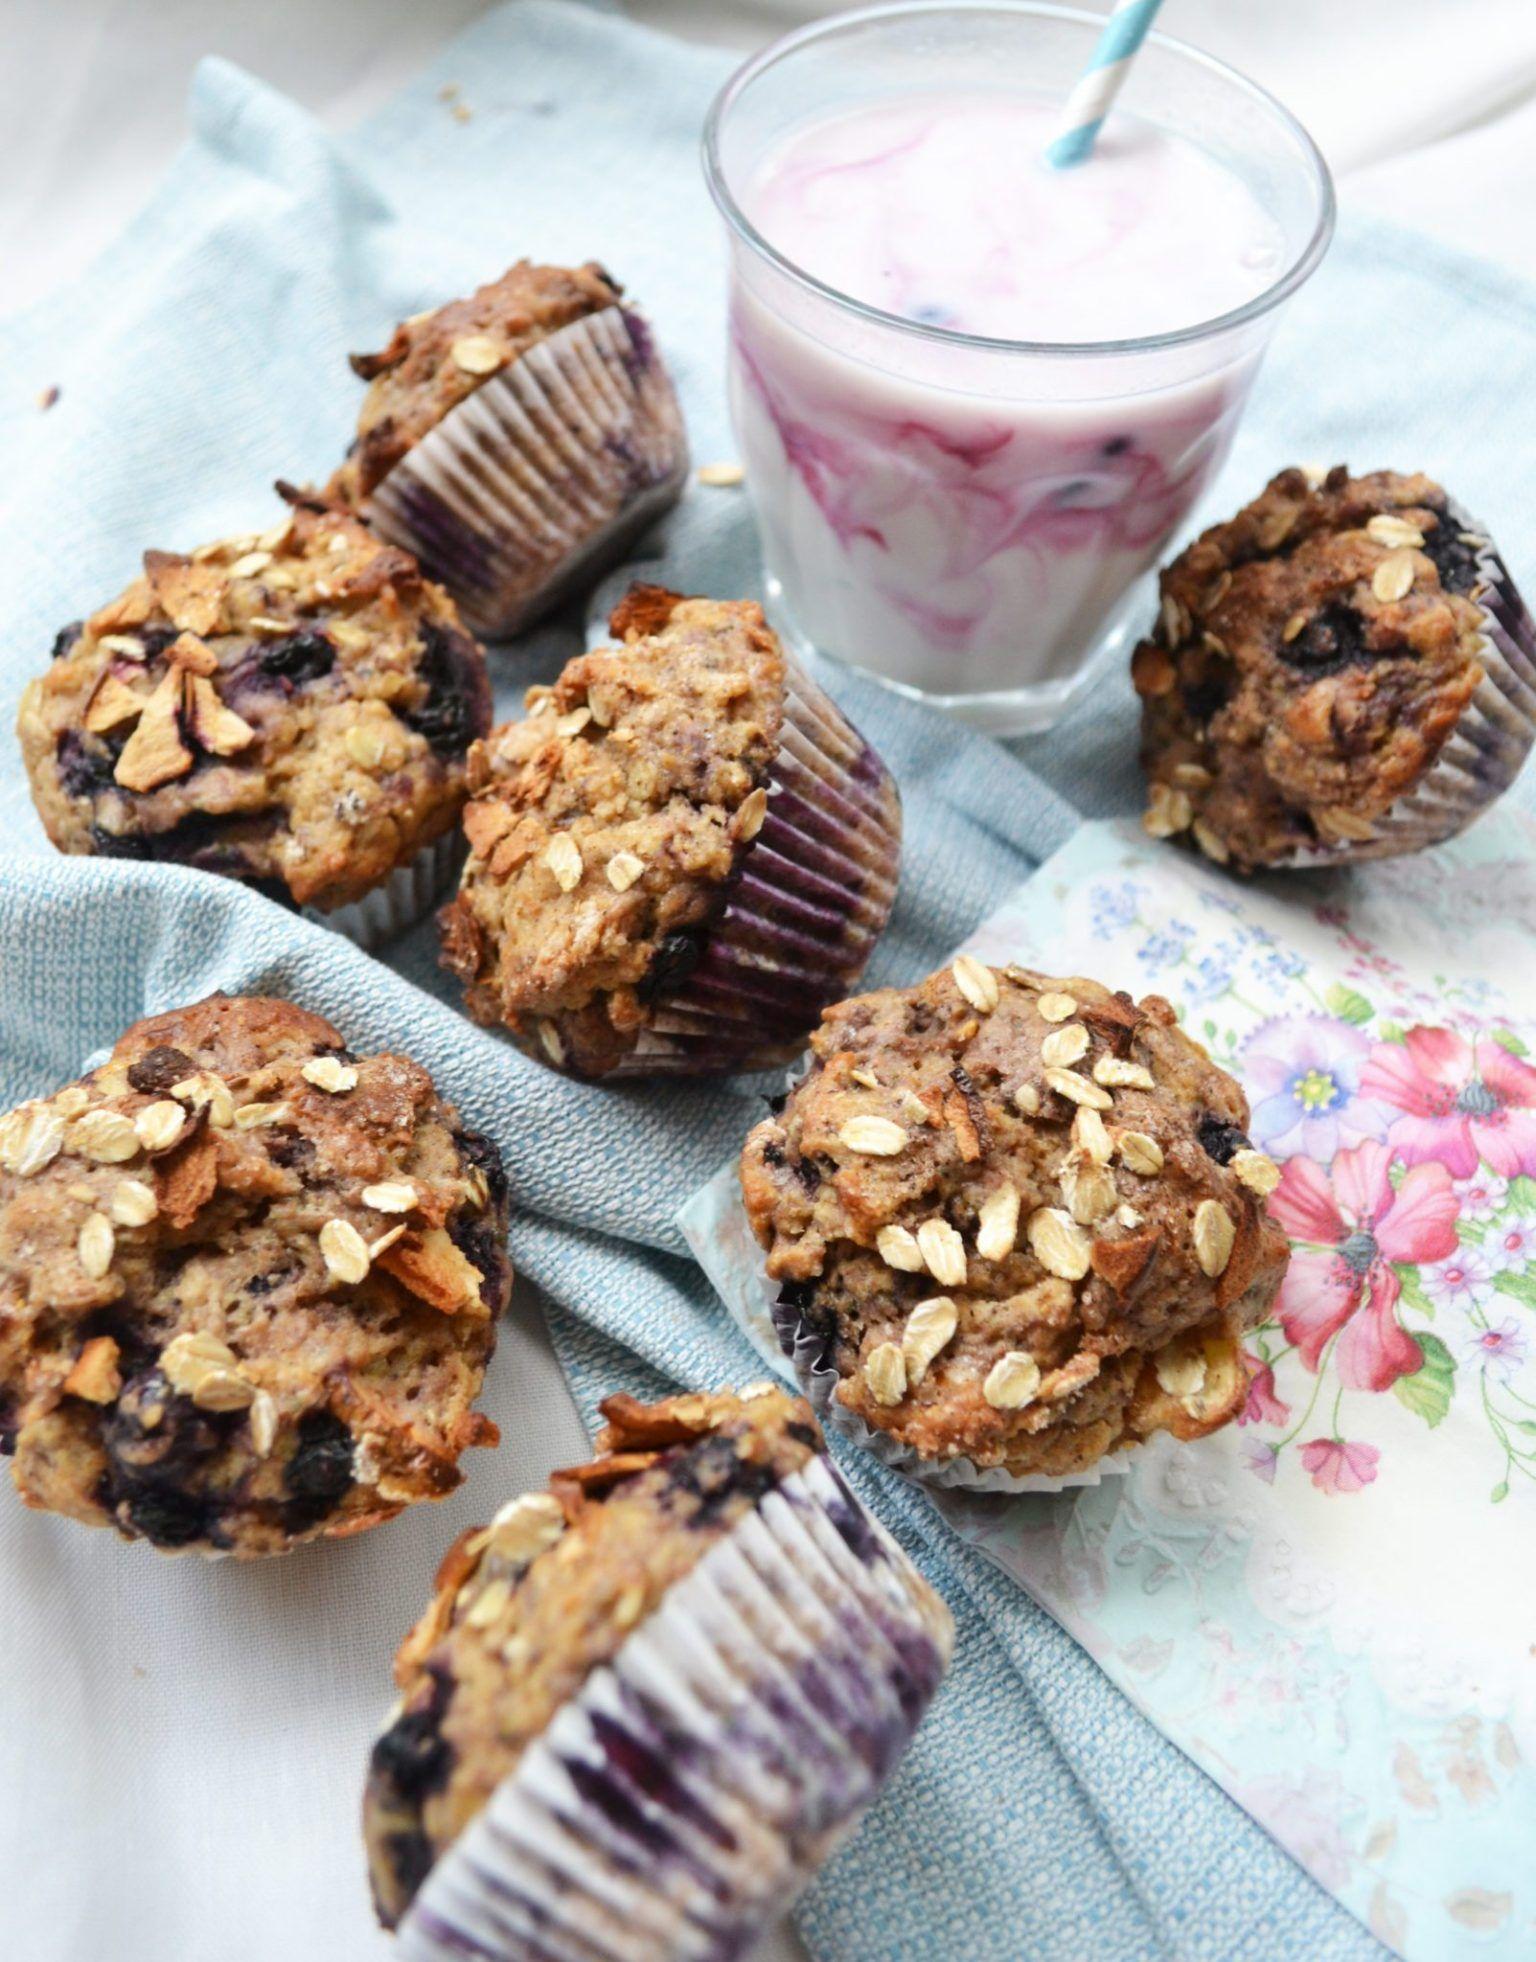 Frühstücksglück! Gesunde Heidelbeer-Apfel-Muffins – meinleckeresleben.com #apfelmuffinsrezepte